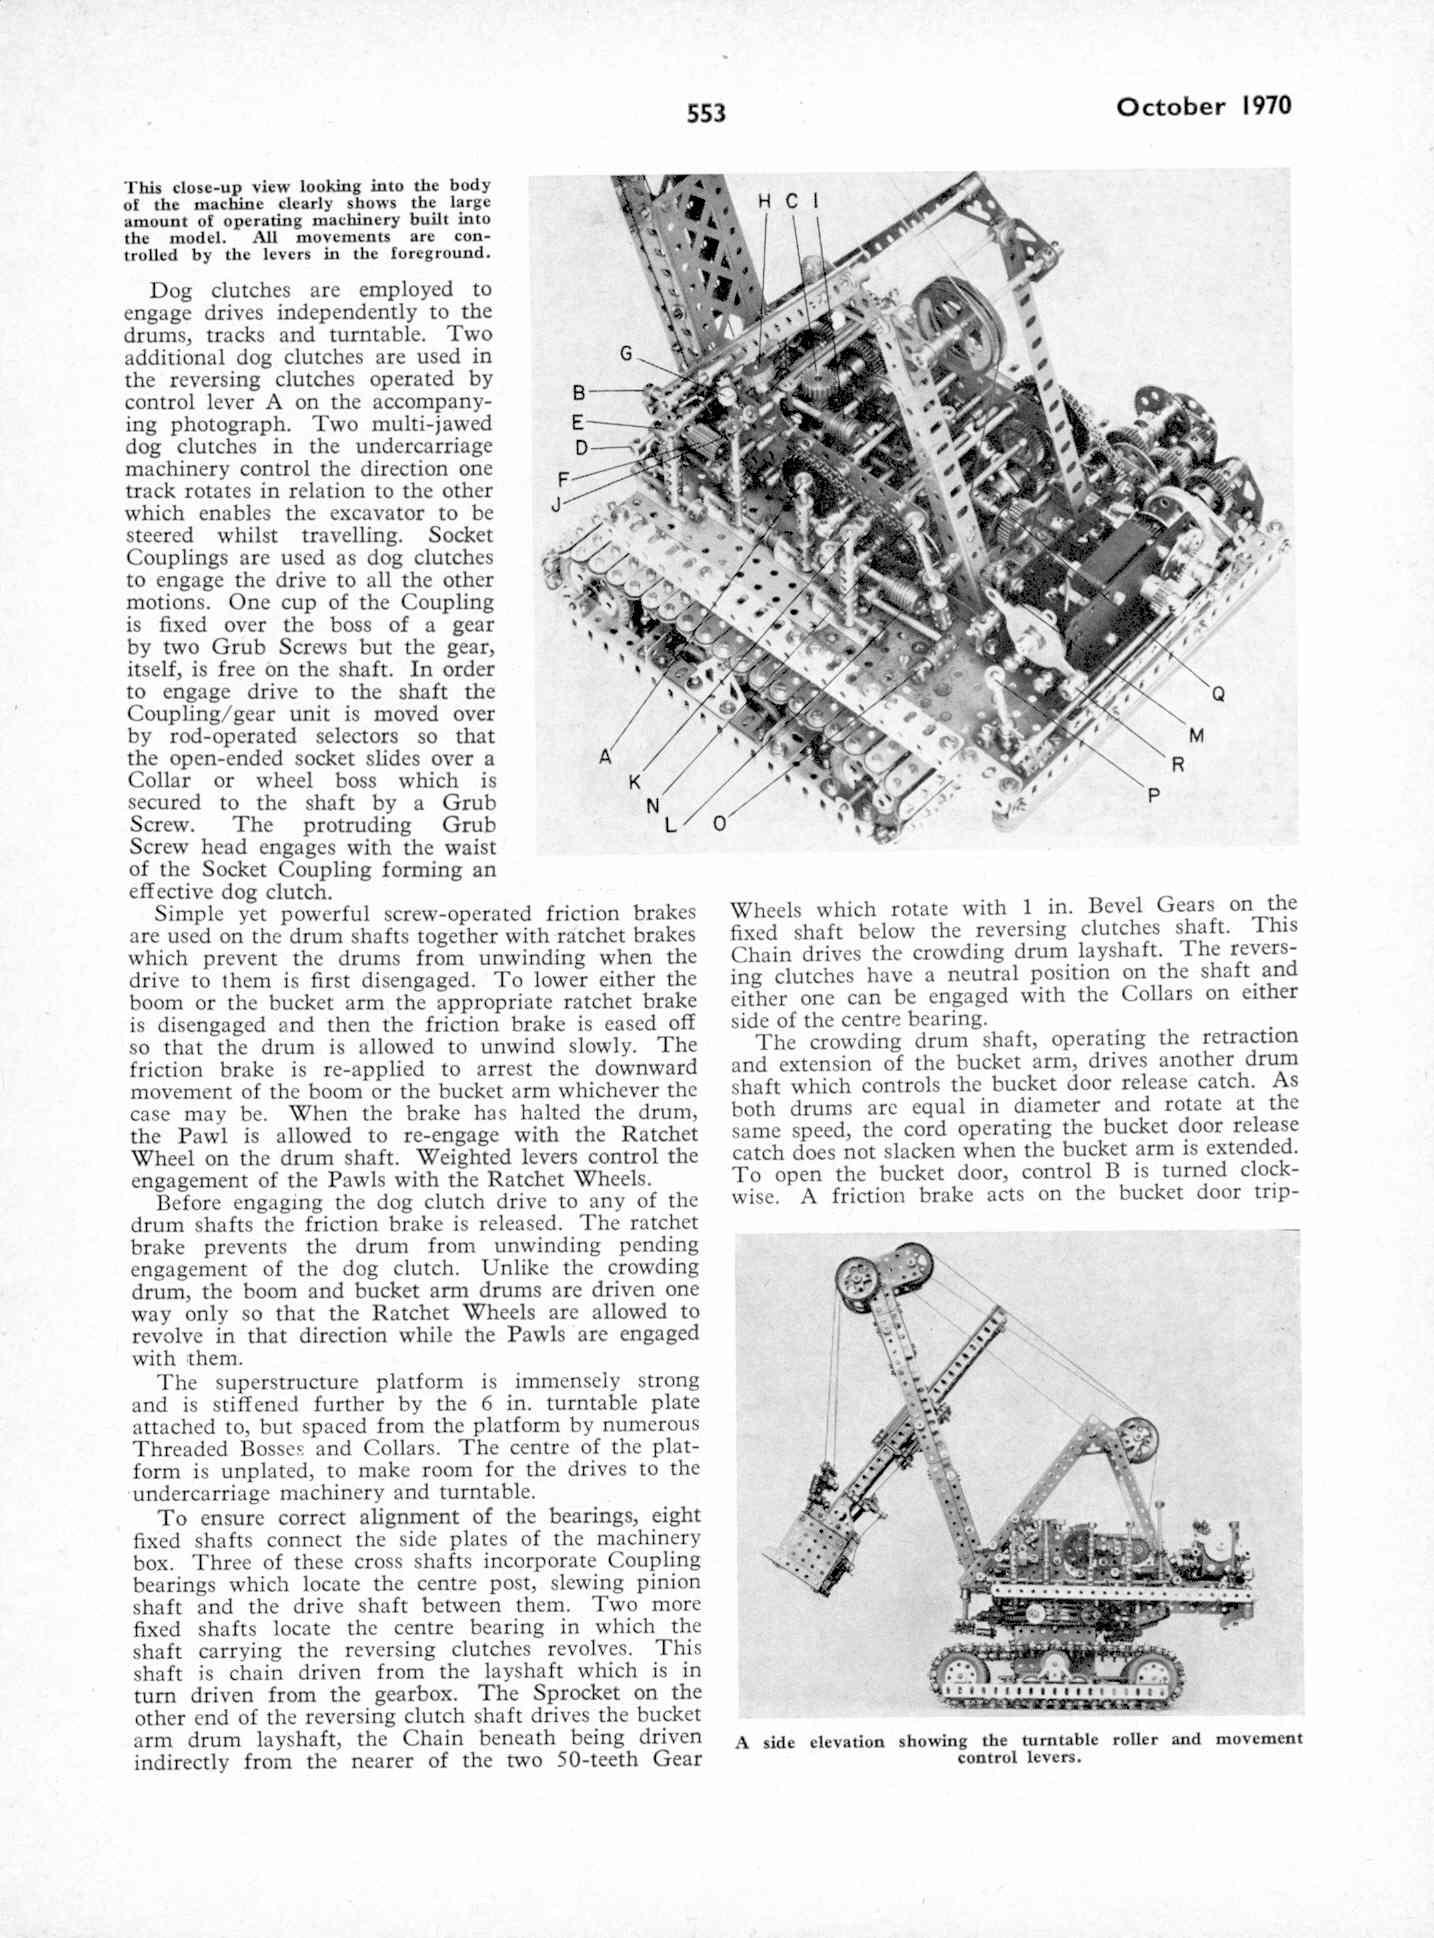 UK Meccano Magazine October 1970 Page 553